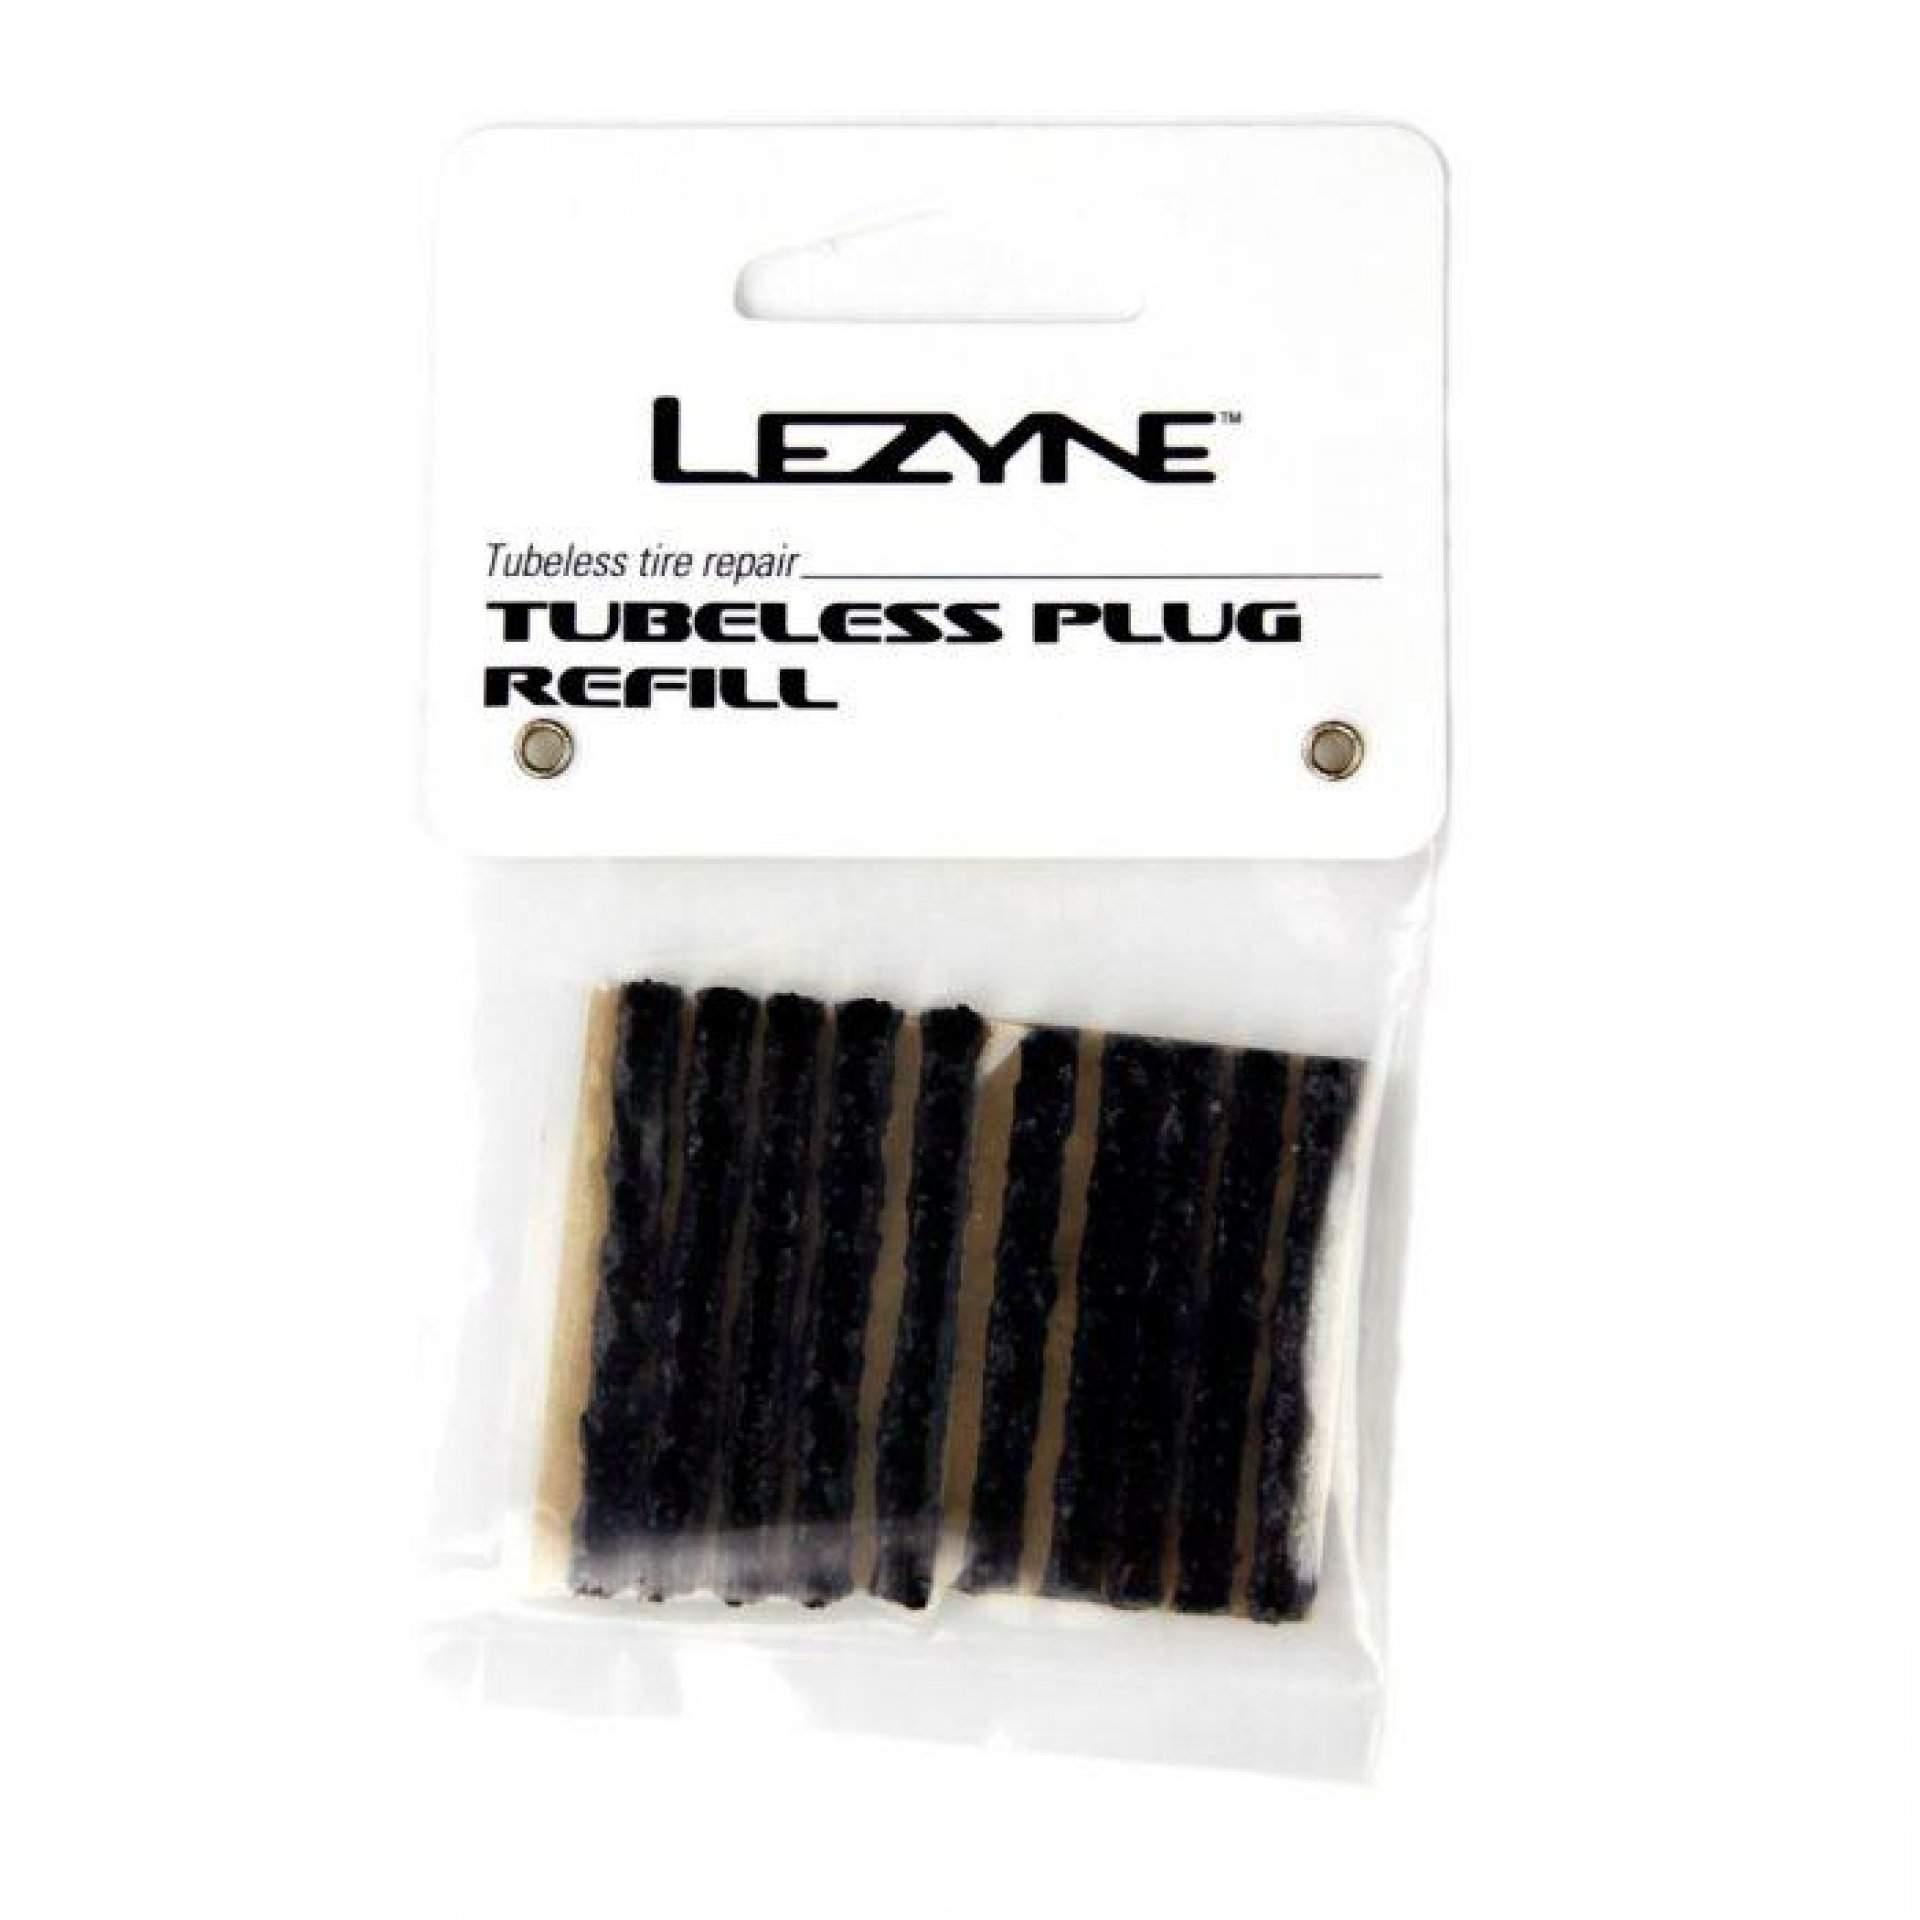 WKŁADY NAPRAWCZE DO SYSTEMÓW TUBELESS LEZYNE TUBELESS PLUG REFILL BLACK 1